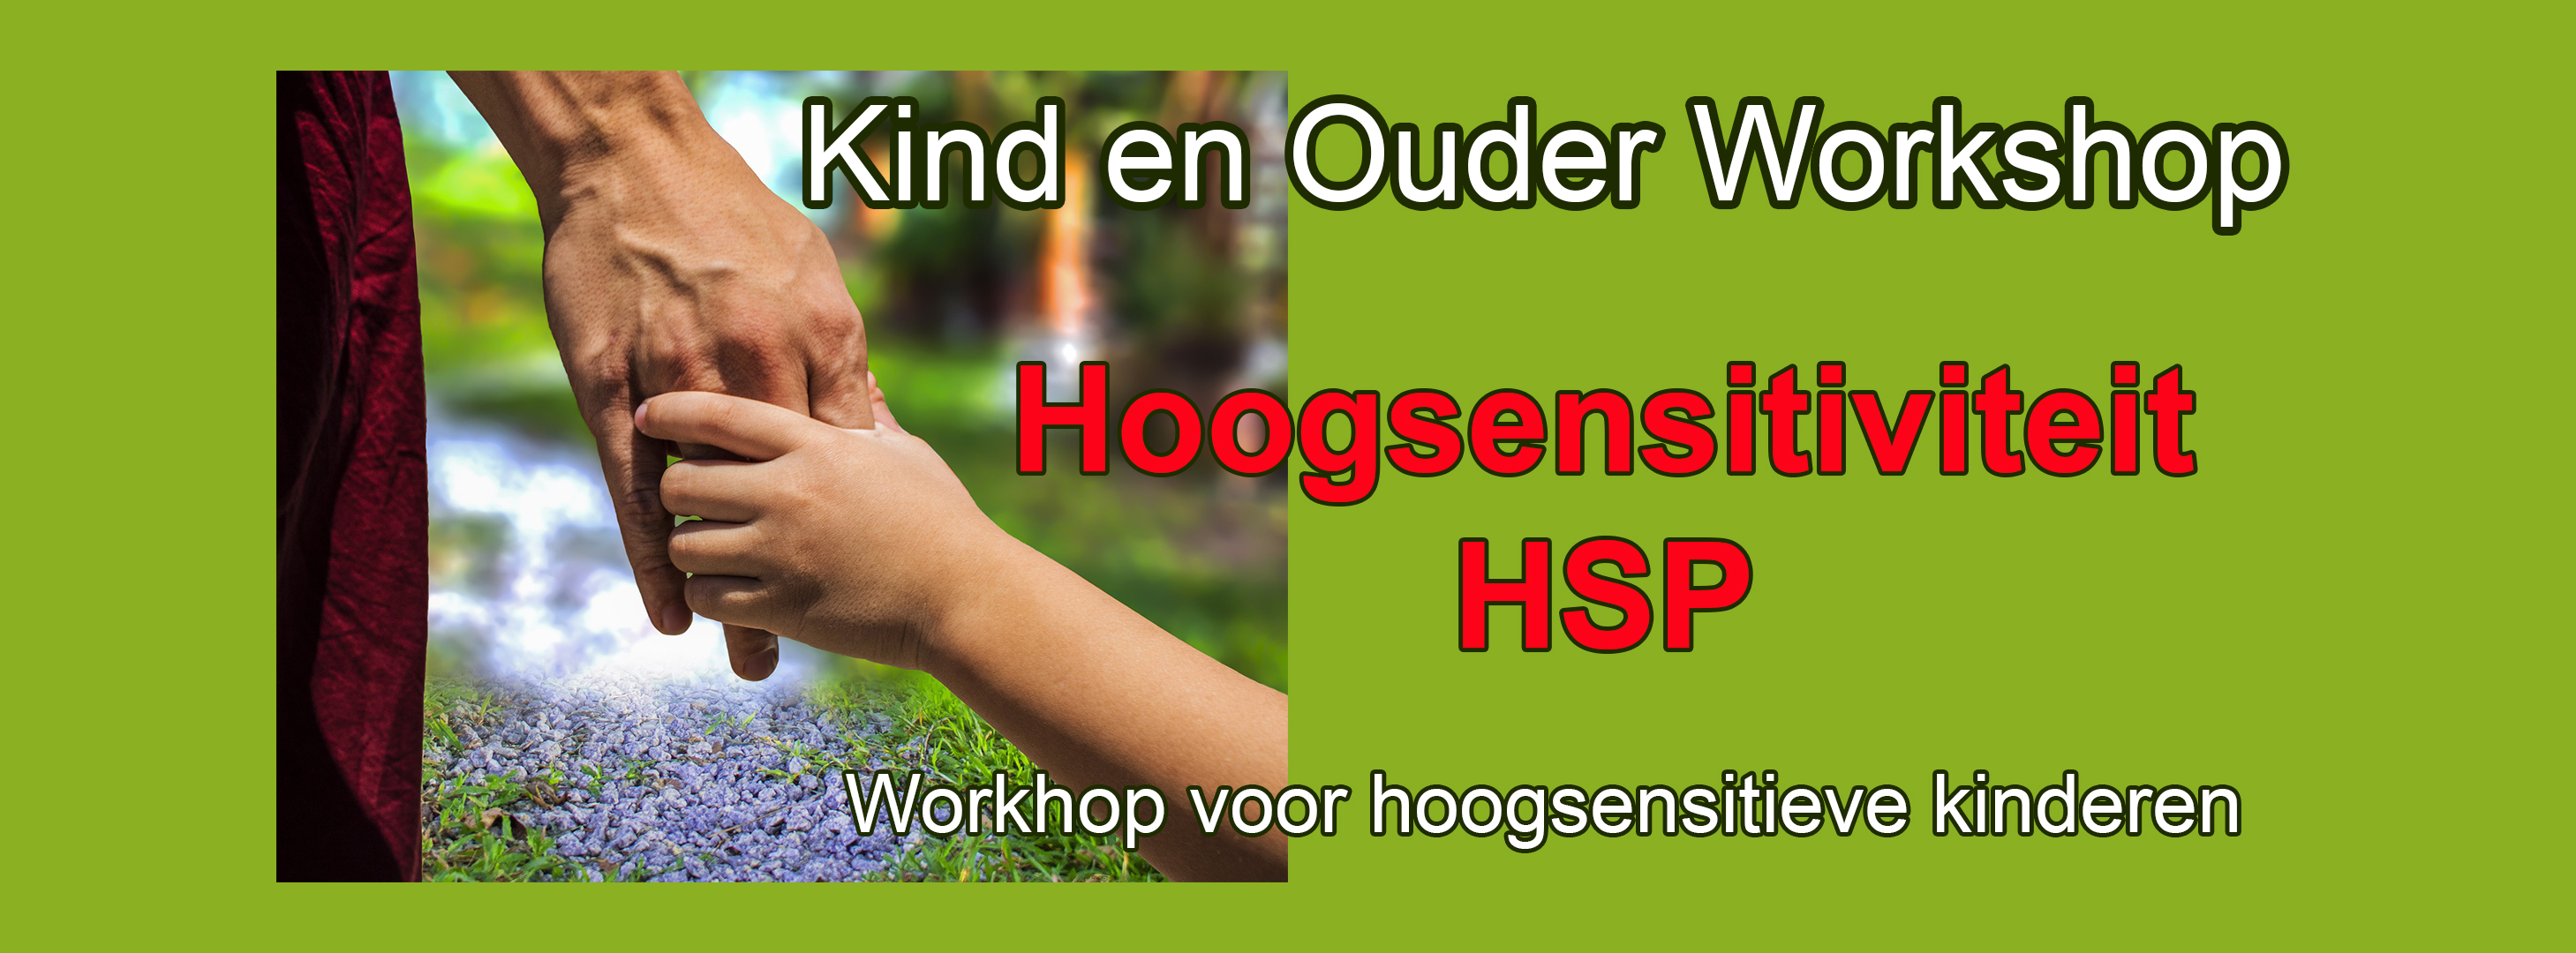 Kind en Ouder Workshop Hoogsensitiviteit - HSP een workshop voor hoogsensitieve kinderen